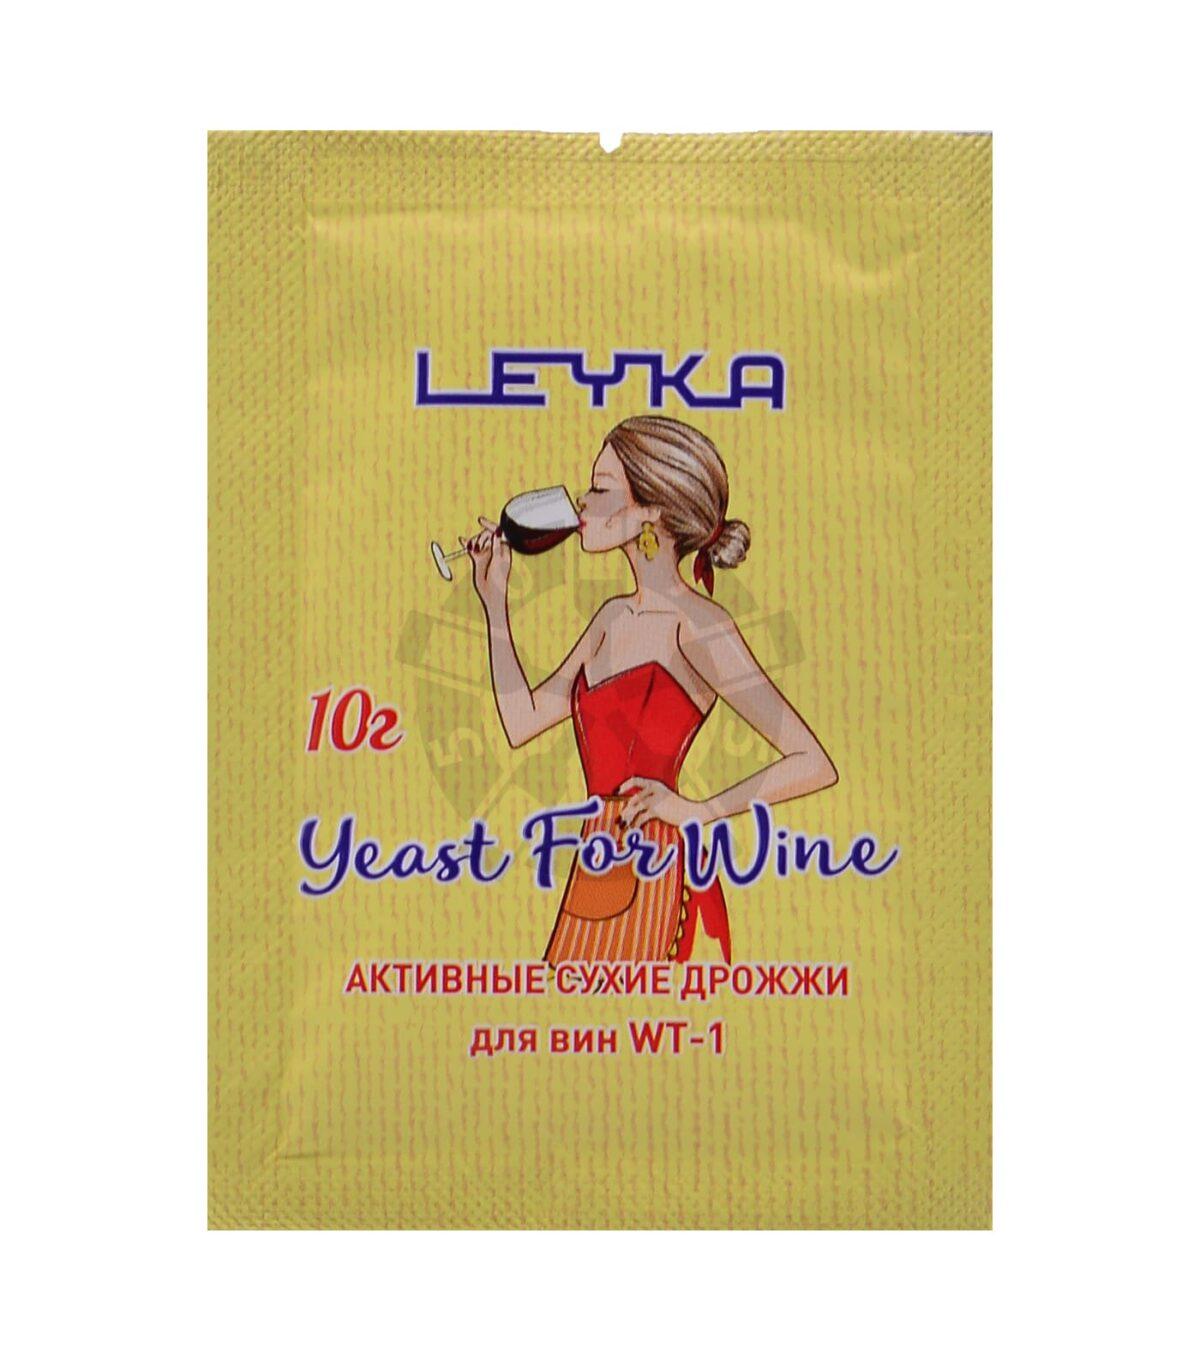 Активные сухие дрожжи (для вин) WT-1 LEYKA, 10 г